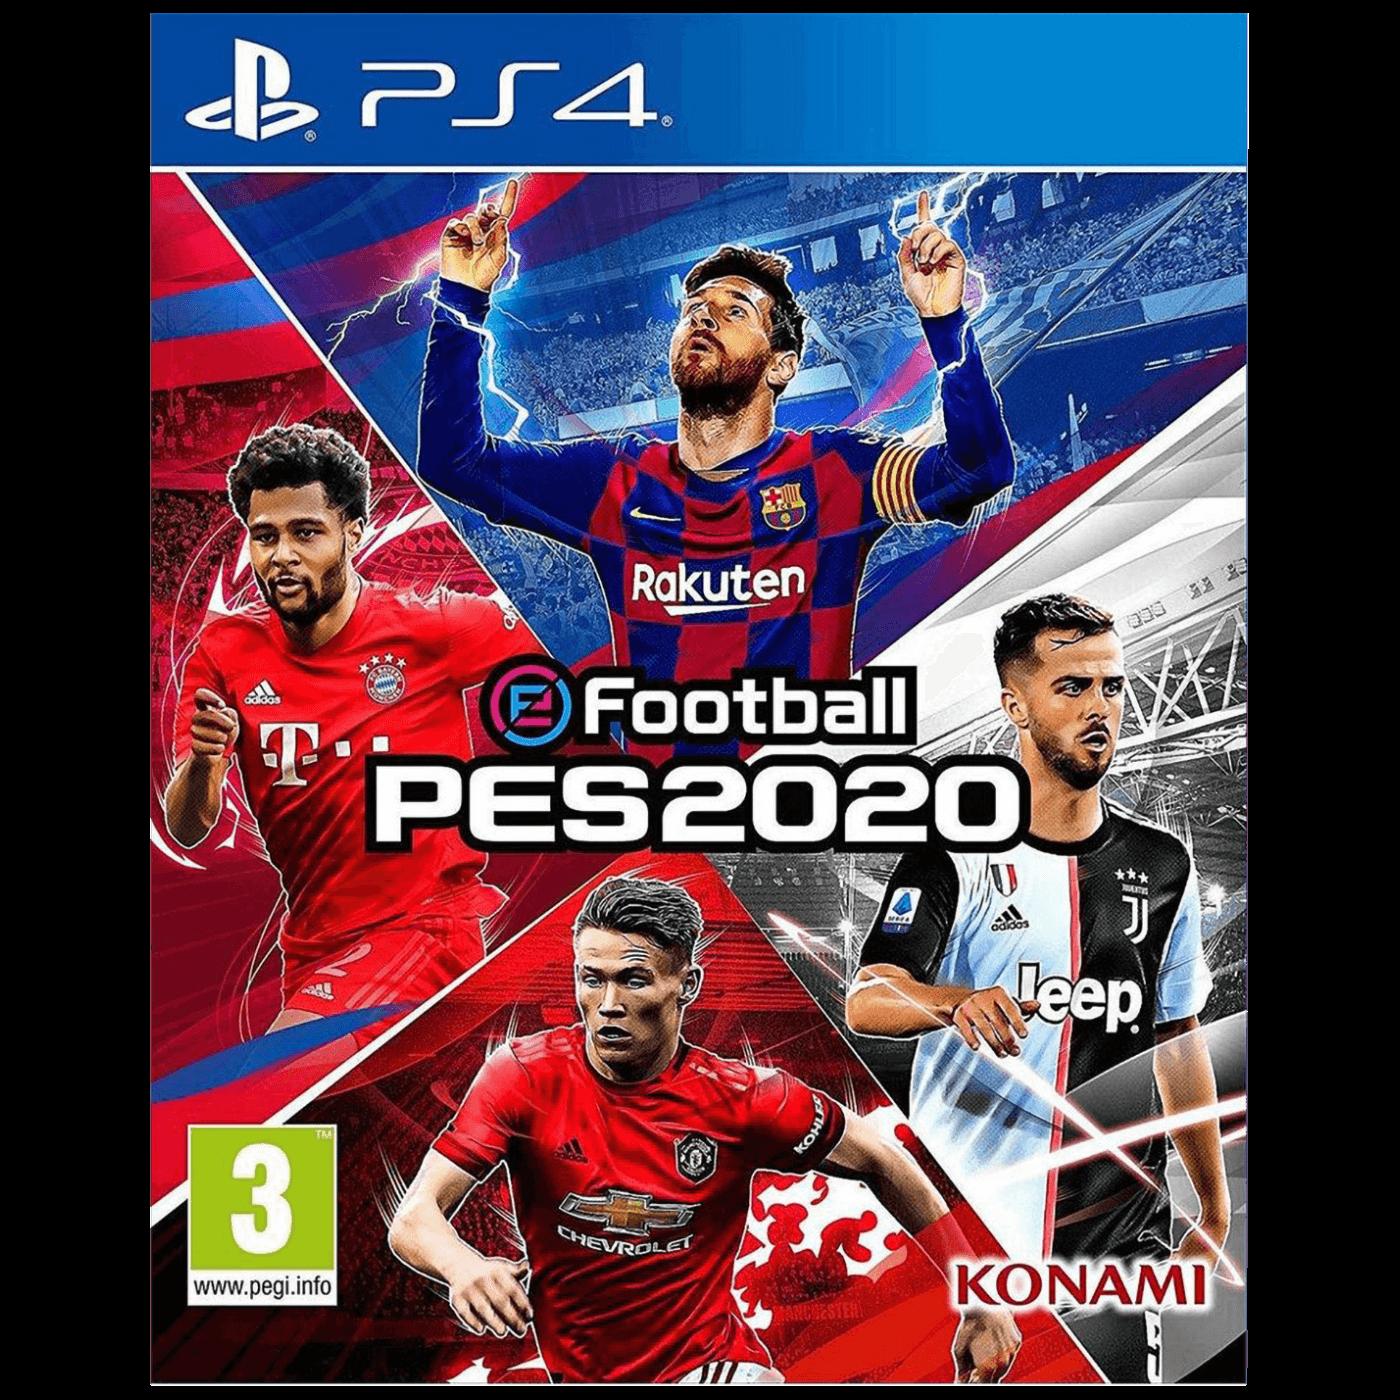 Sony - eFootball PES 2020 PS4